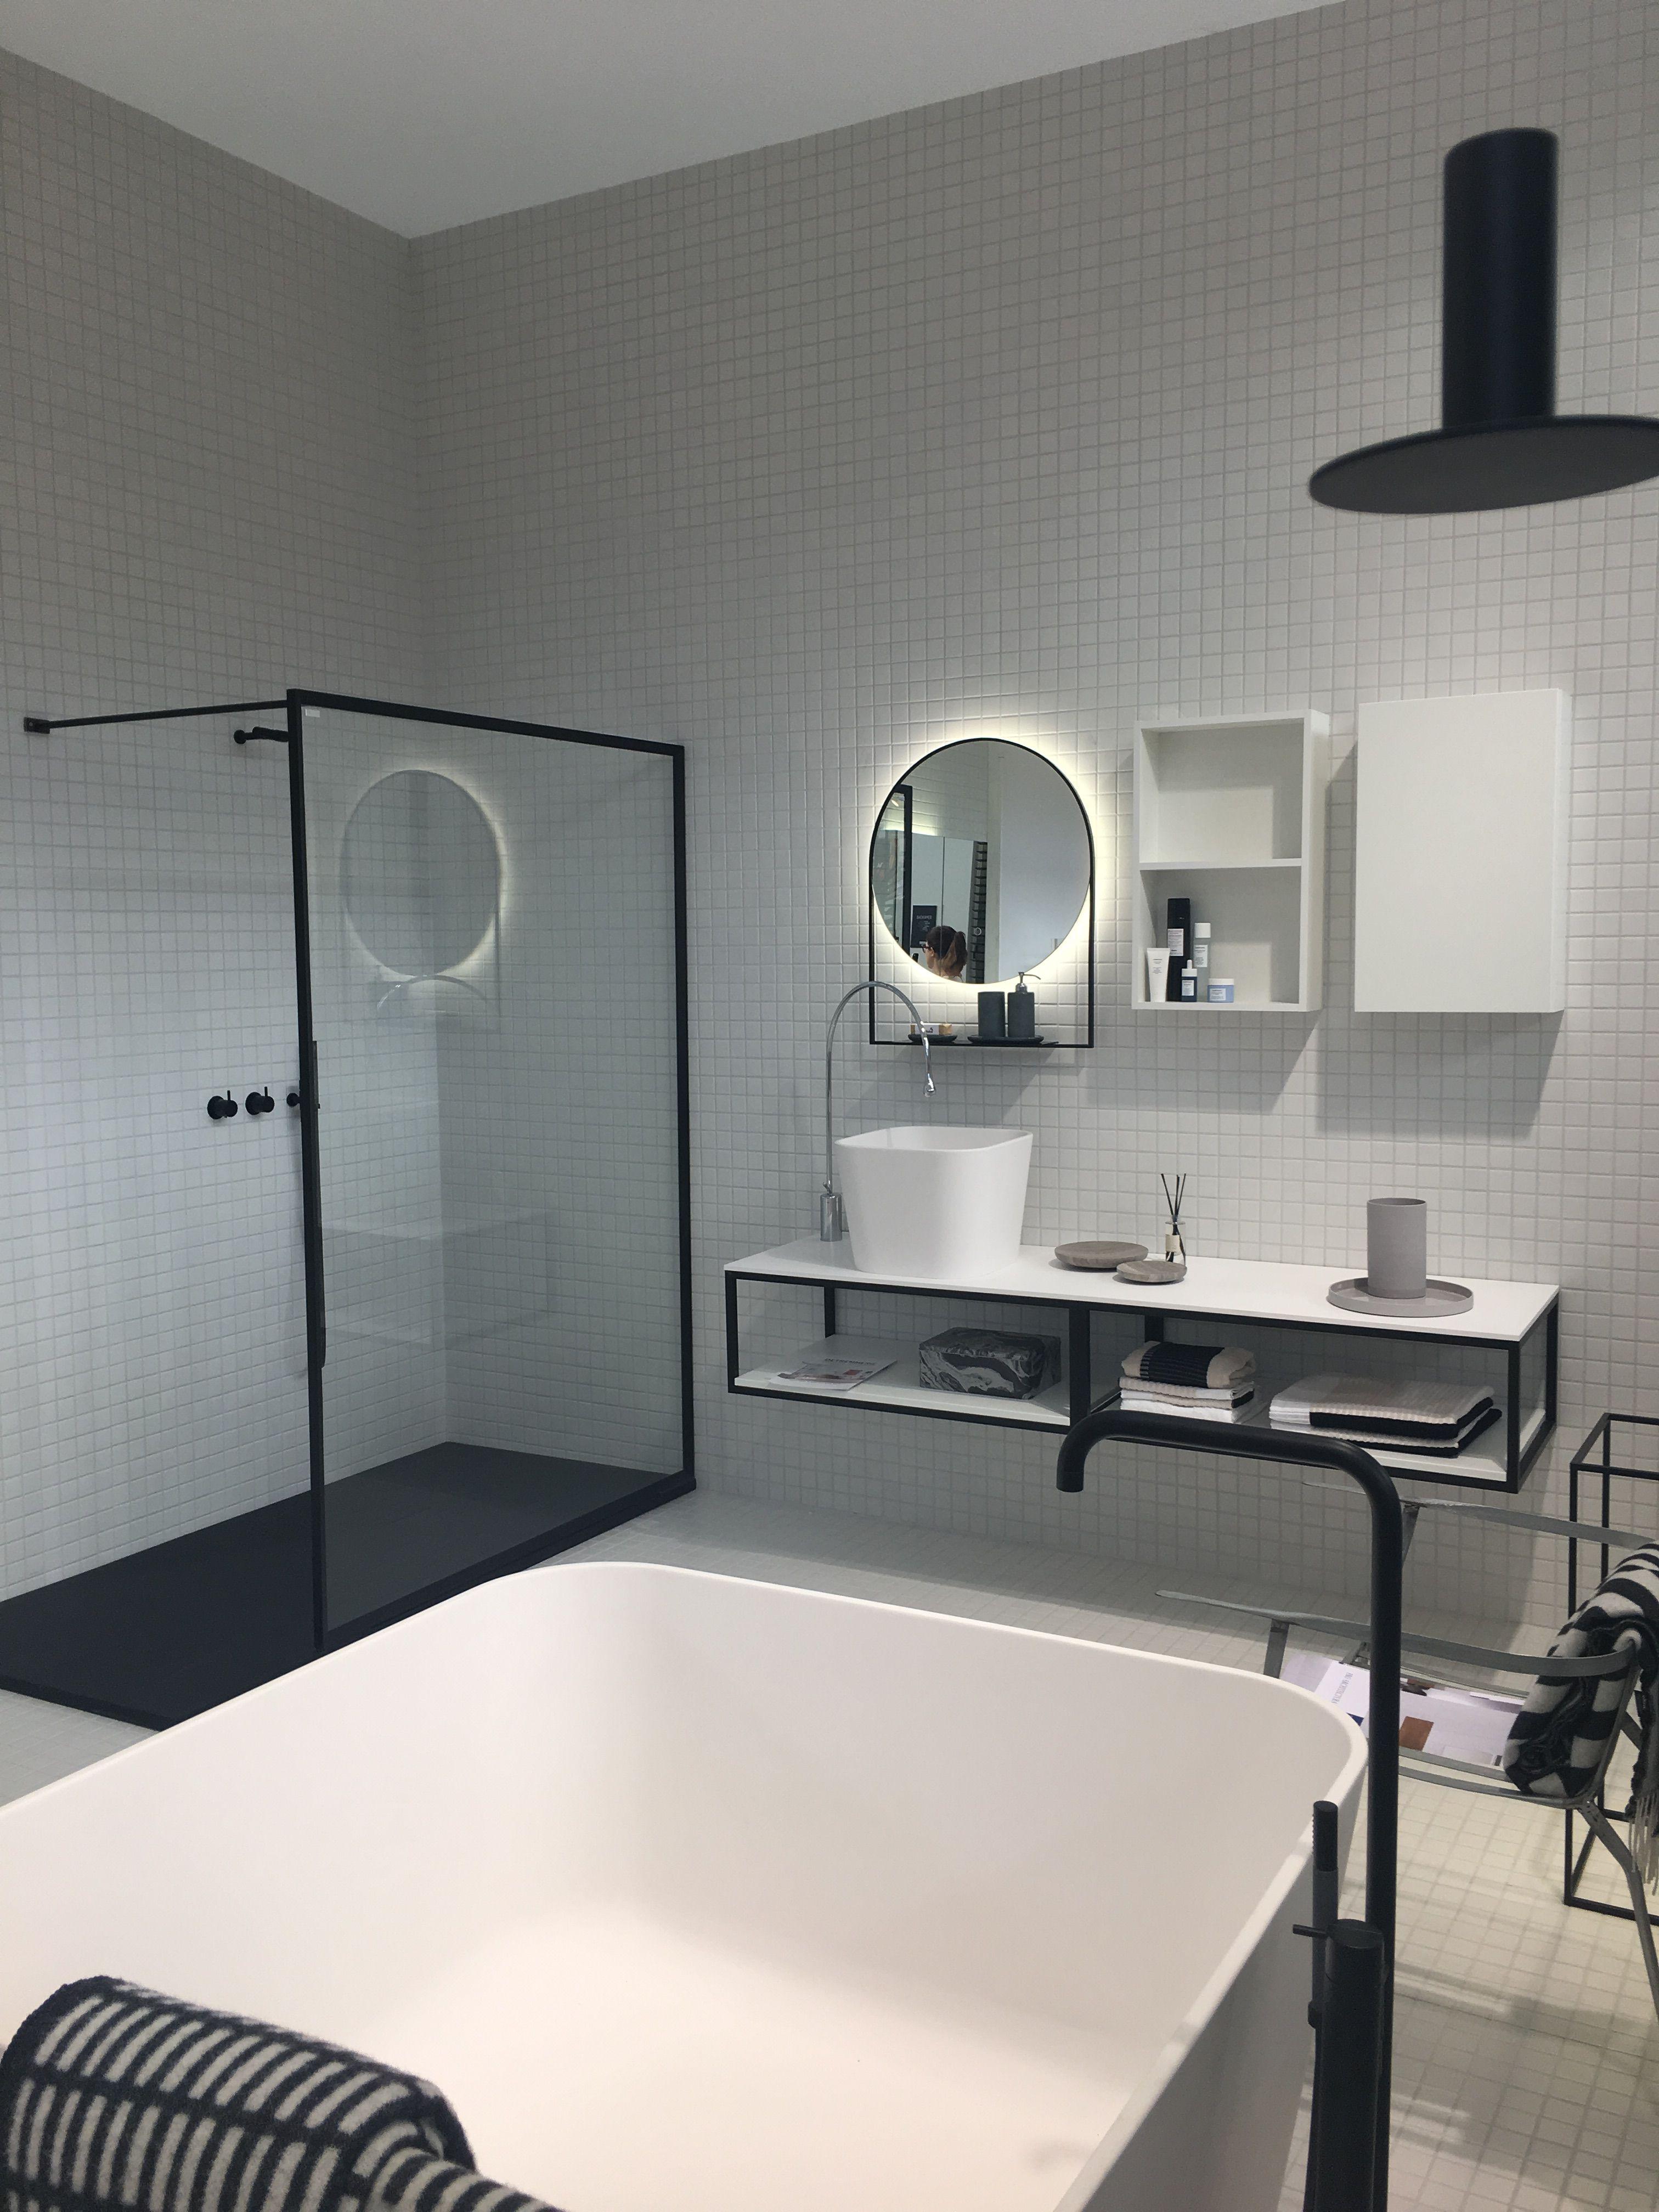 Black white bathroom zwart wit badkamer round mirror ronde spiegel ...